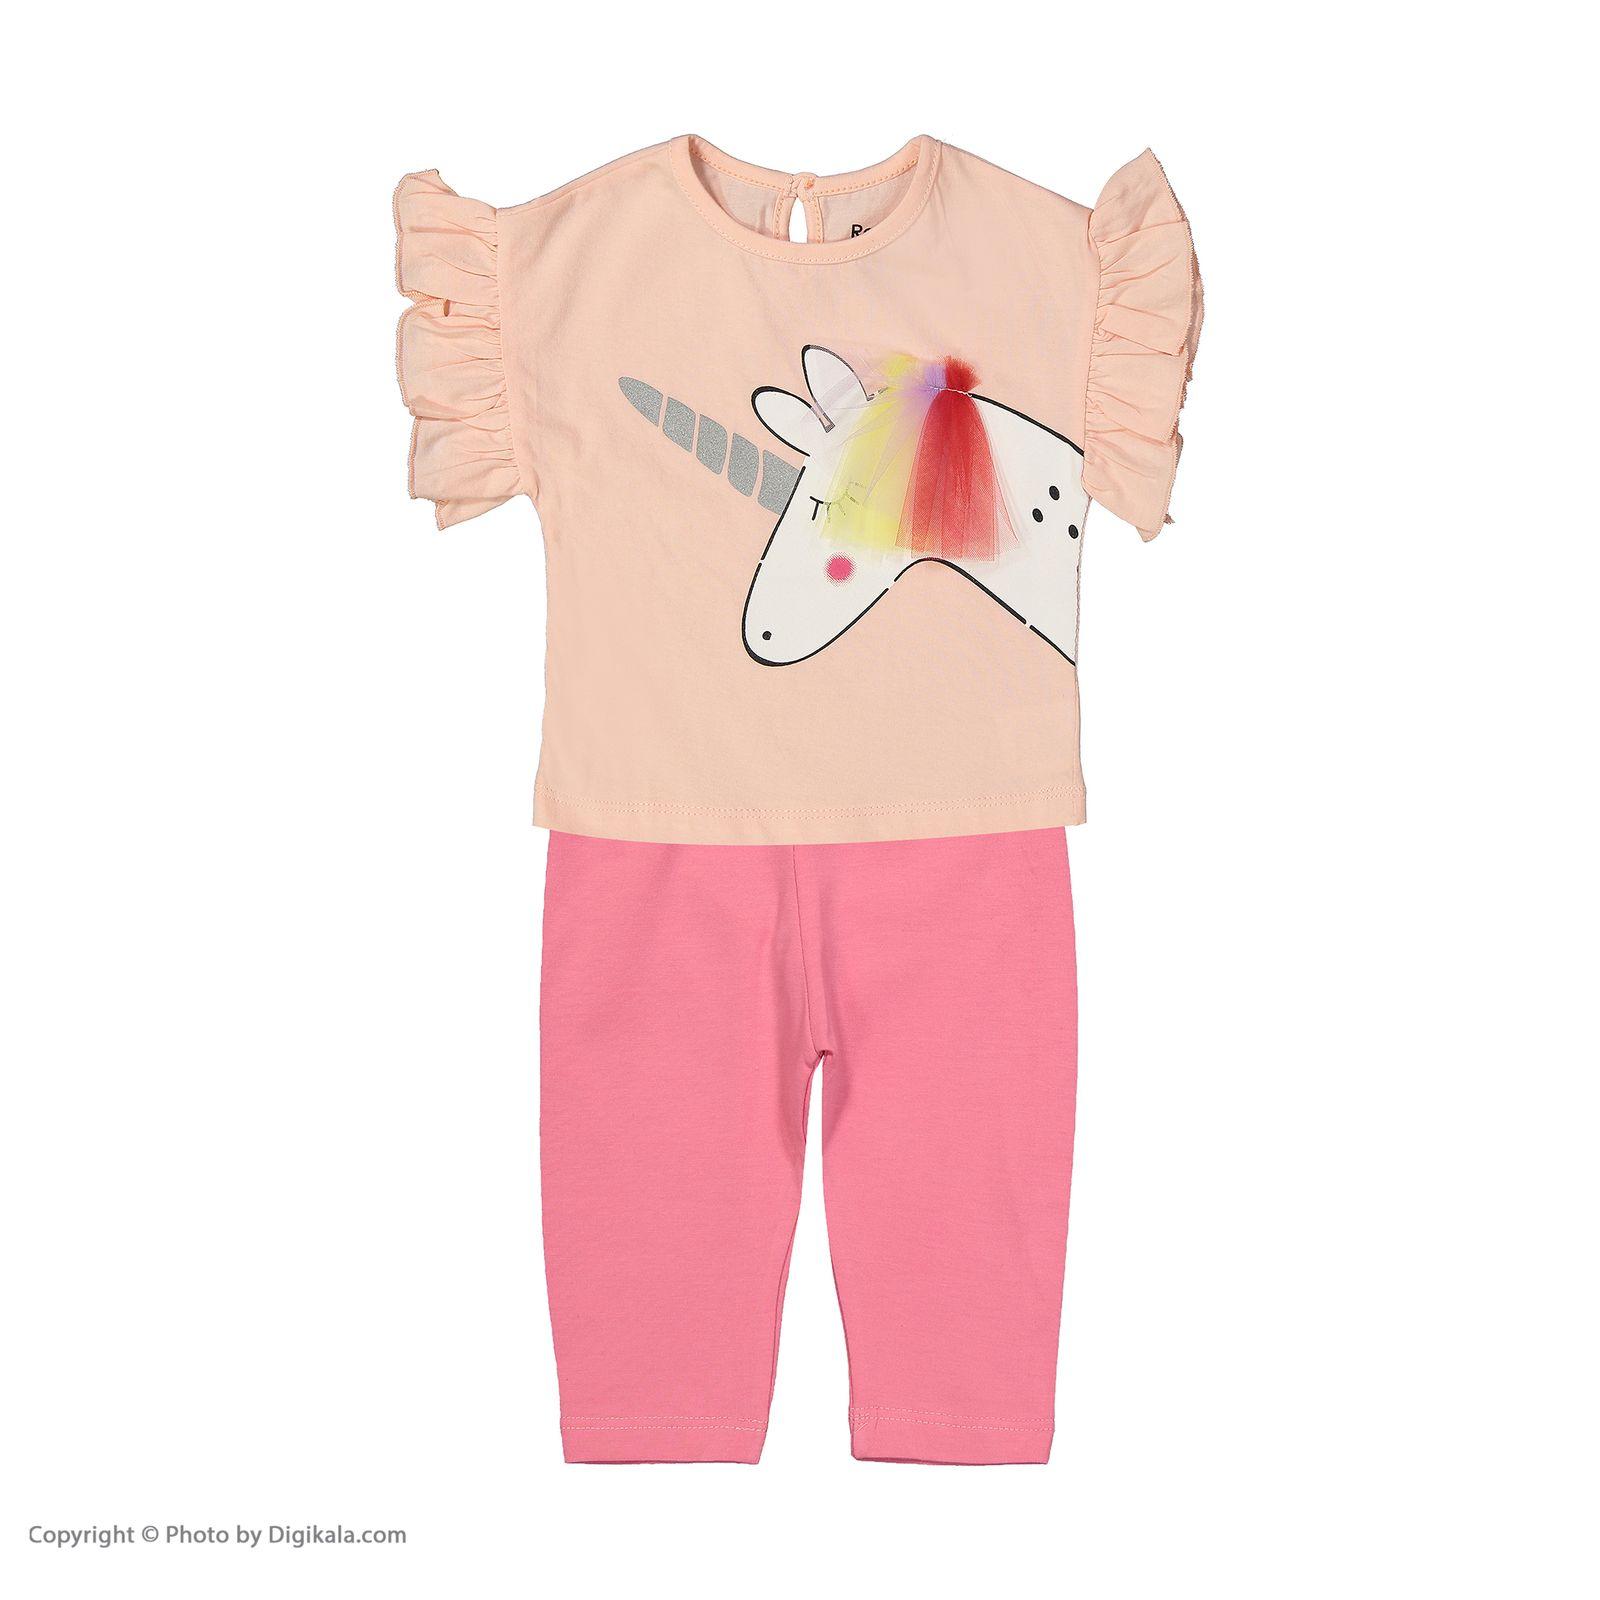 ست تی شرت و شلوار دخترانه رابو مدل 2051127-81 main 1 1